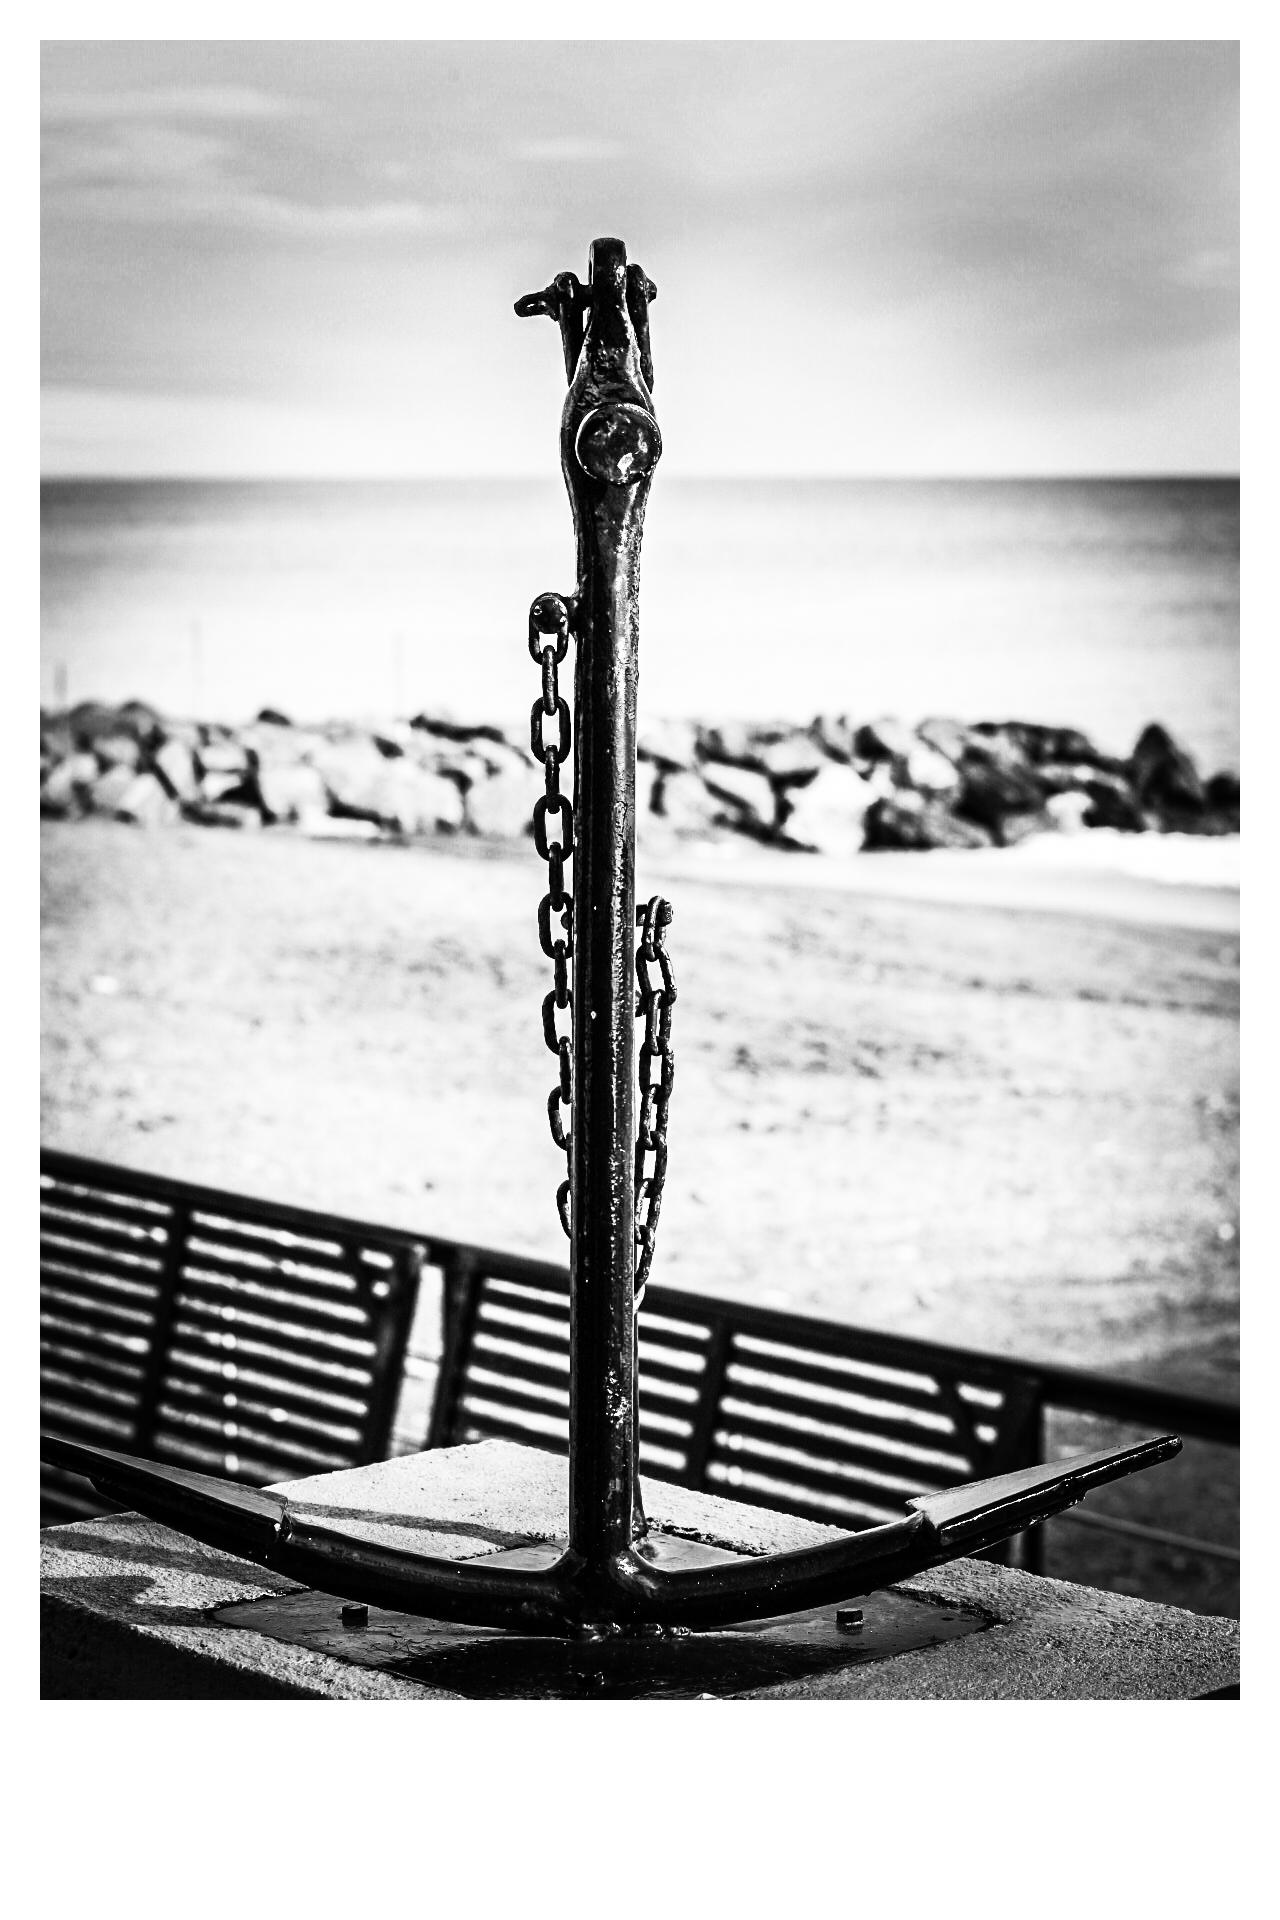 The anchor...